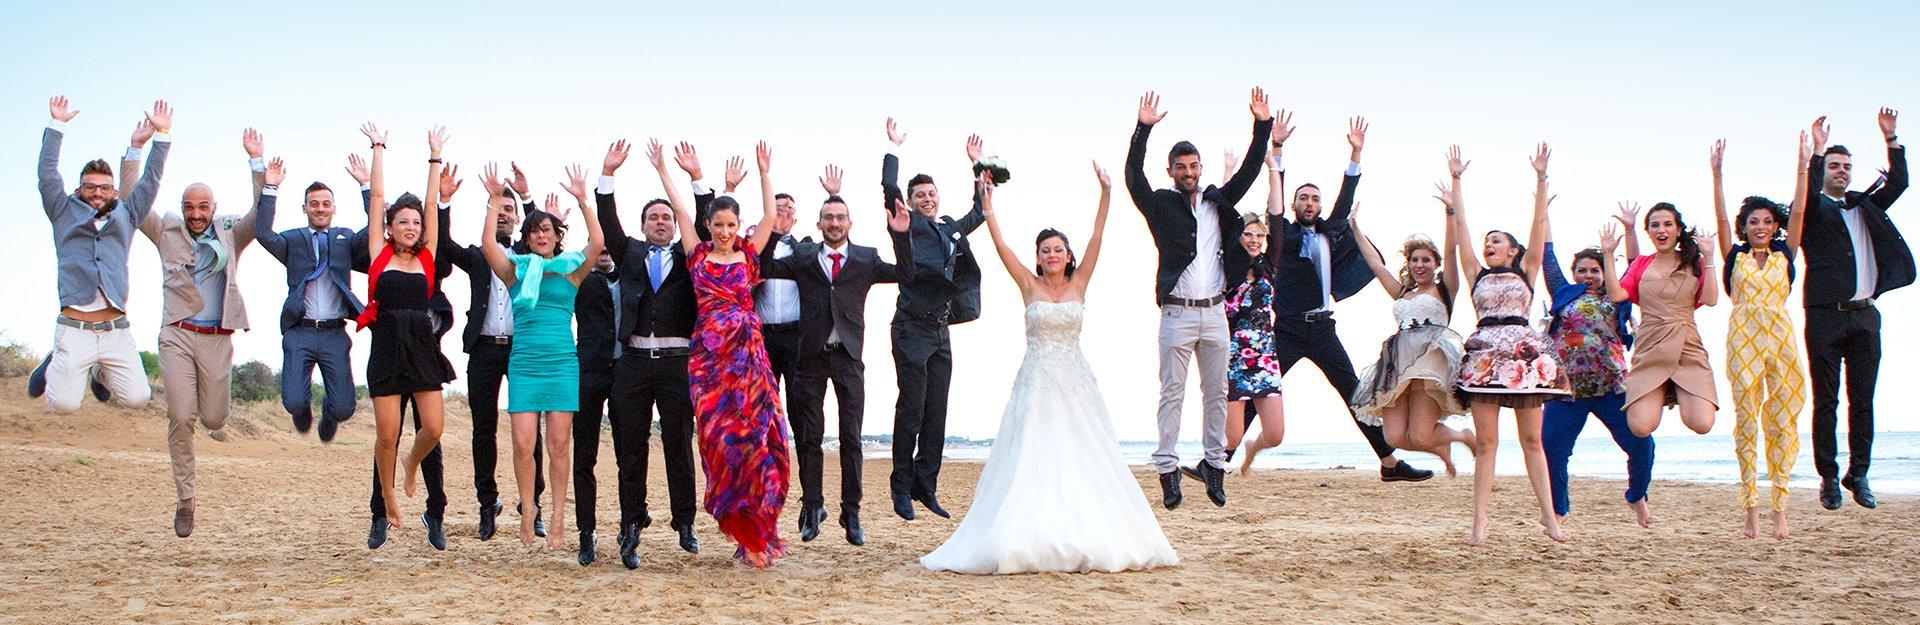 wedding sposa foto di gruppo